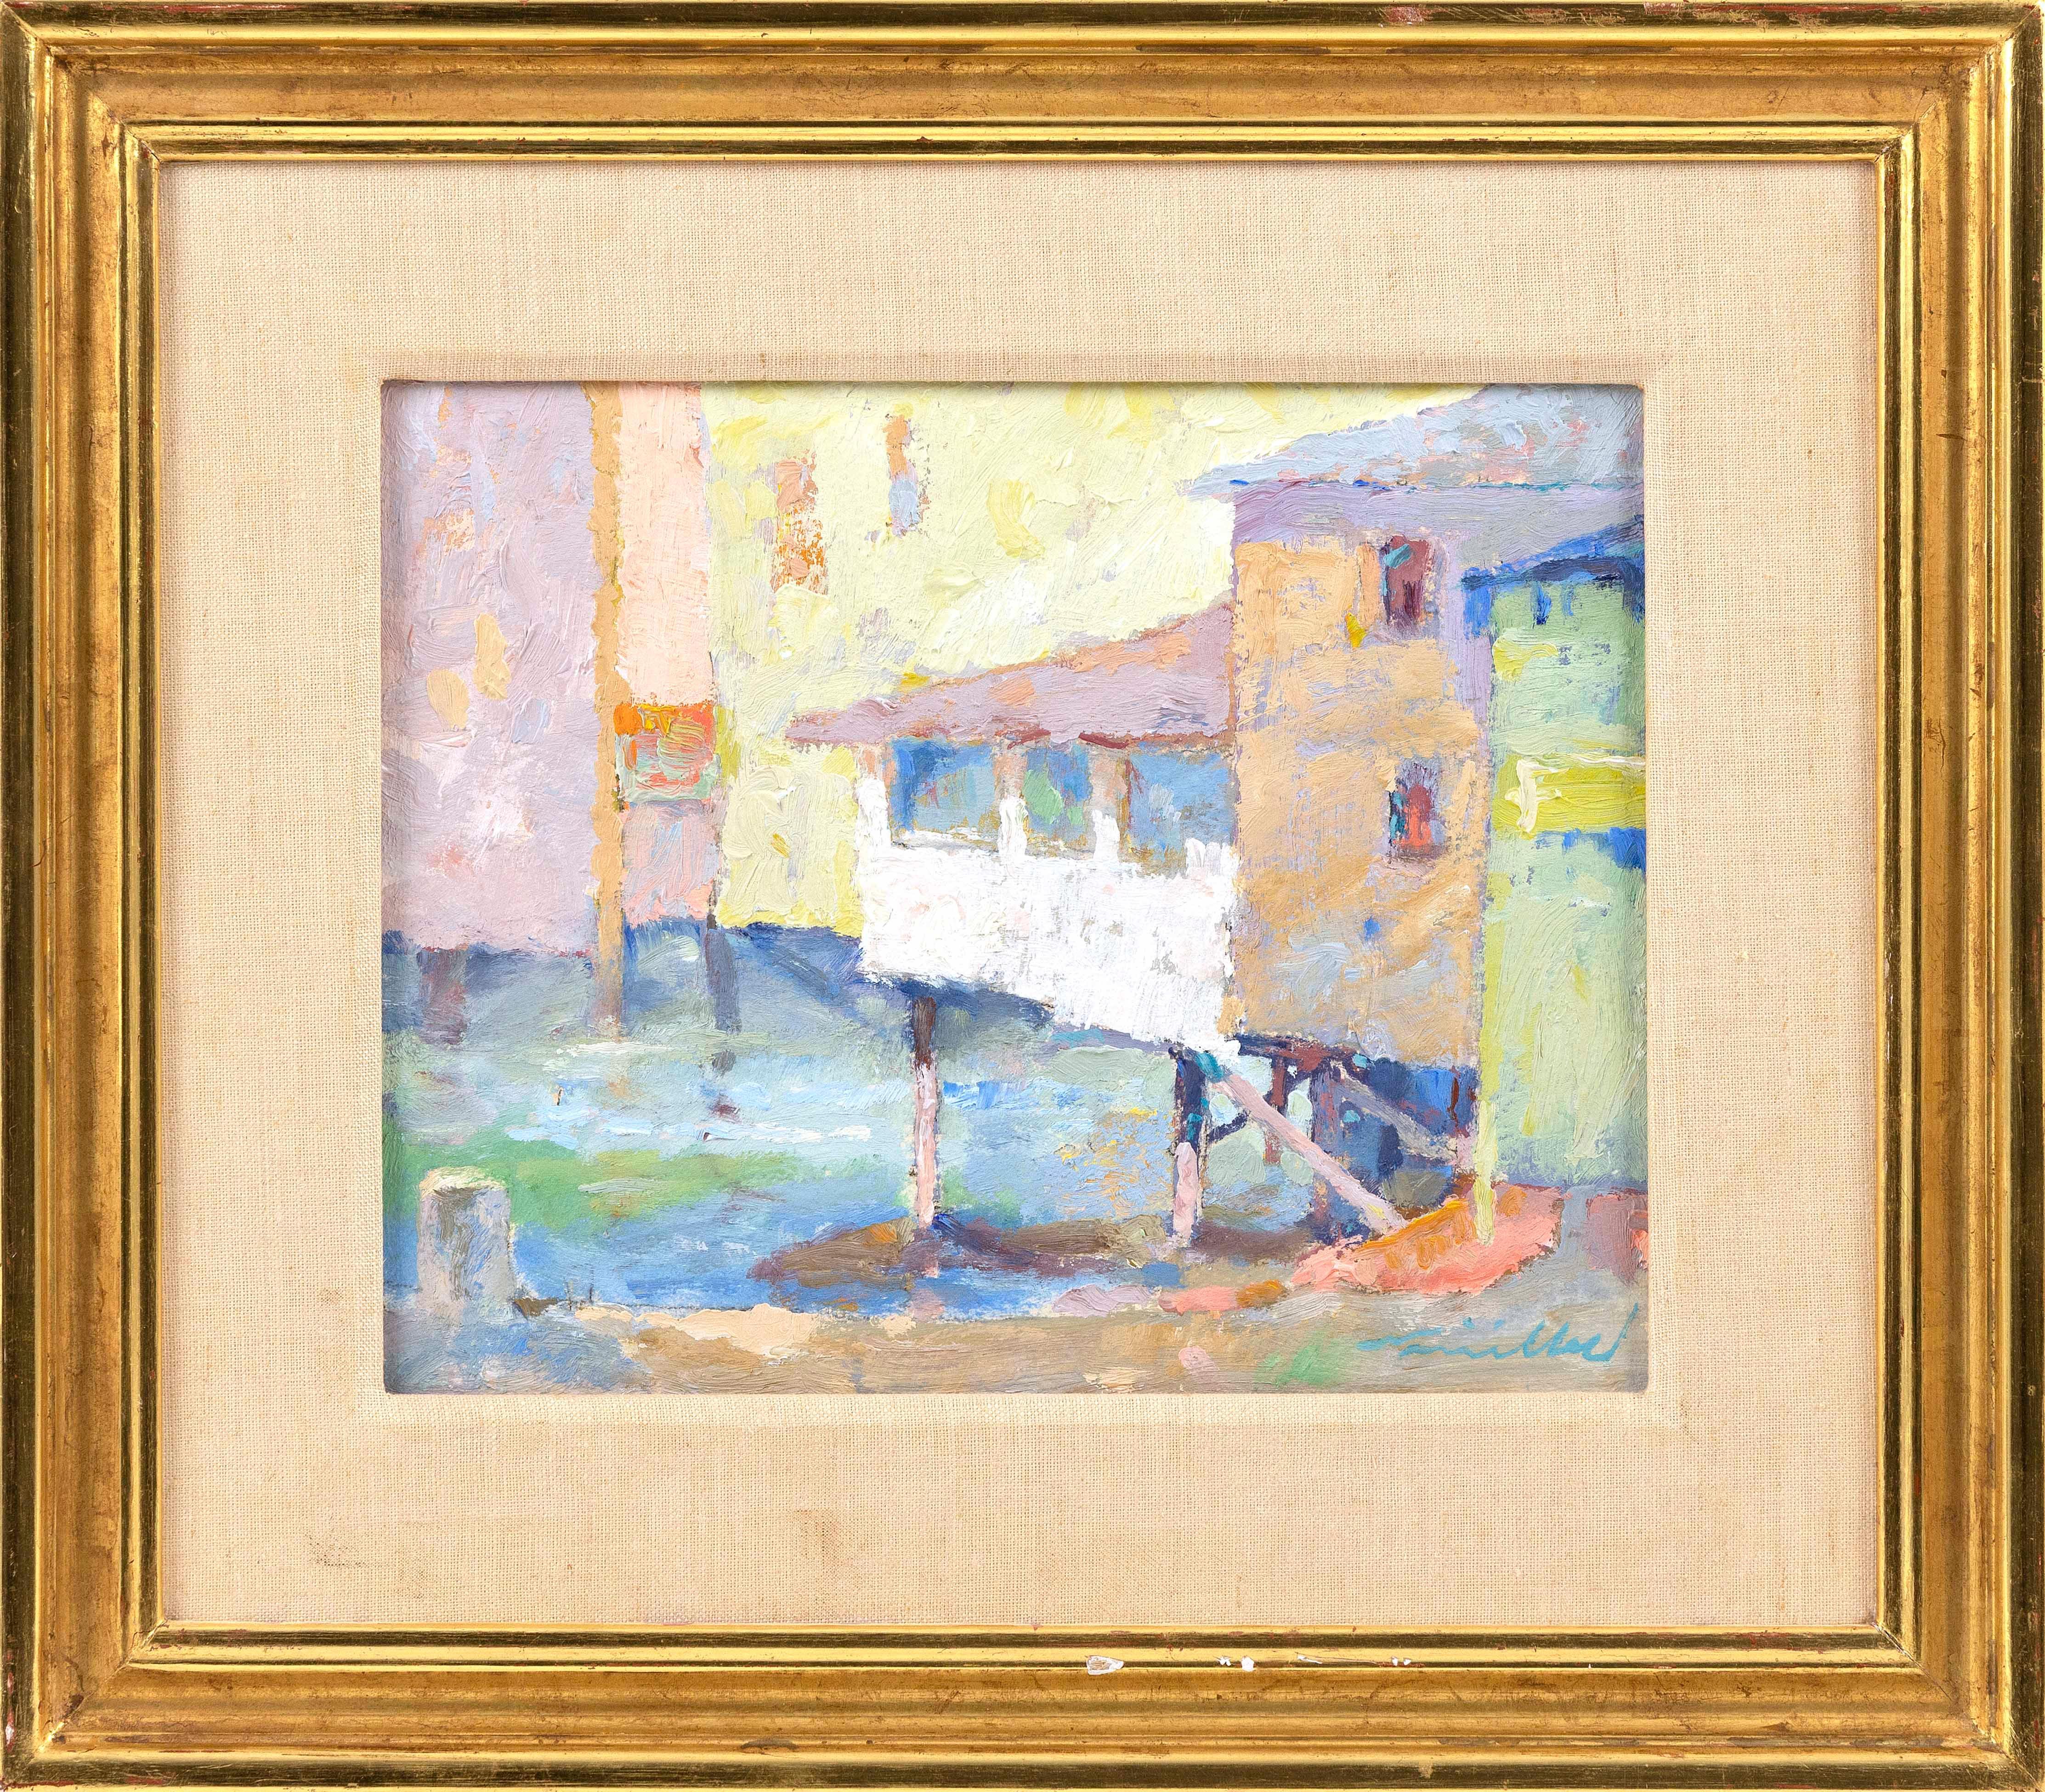 """DAVID L. MILLARD, Massachusetts, 1915-2002, """"Beach Houses""""., Oil on board, 10"""" x 12"""". Framed 16"""" x 18""""."""